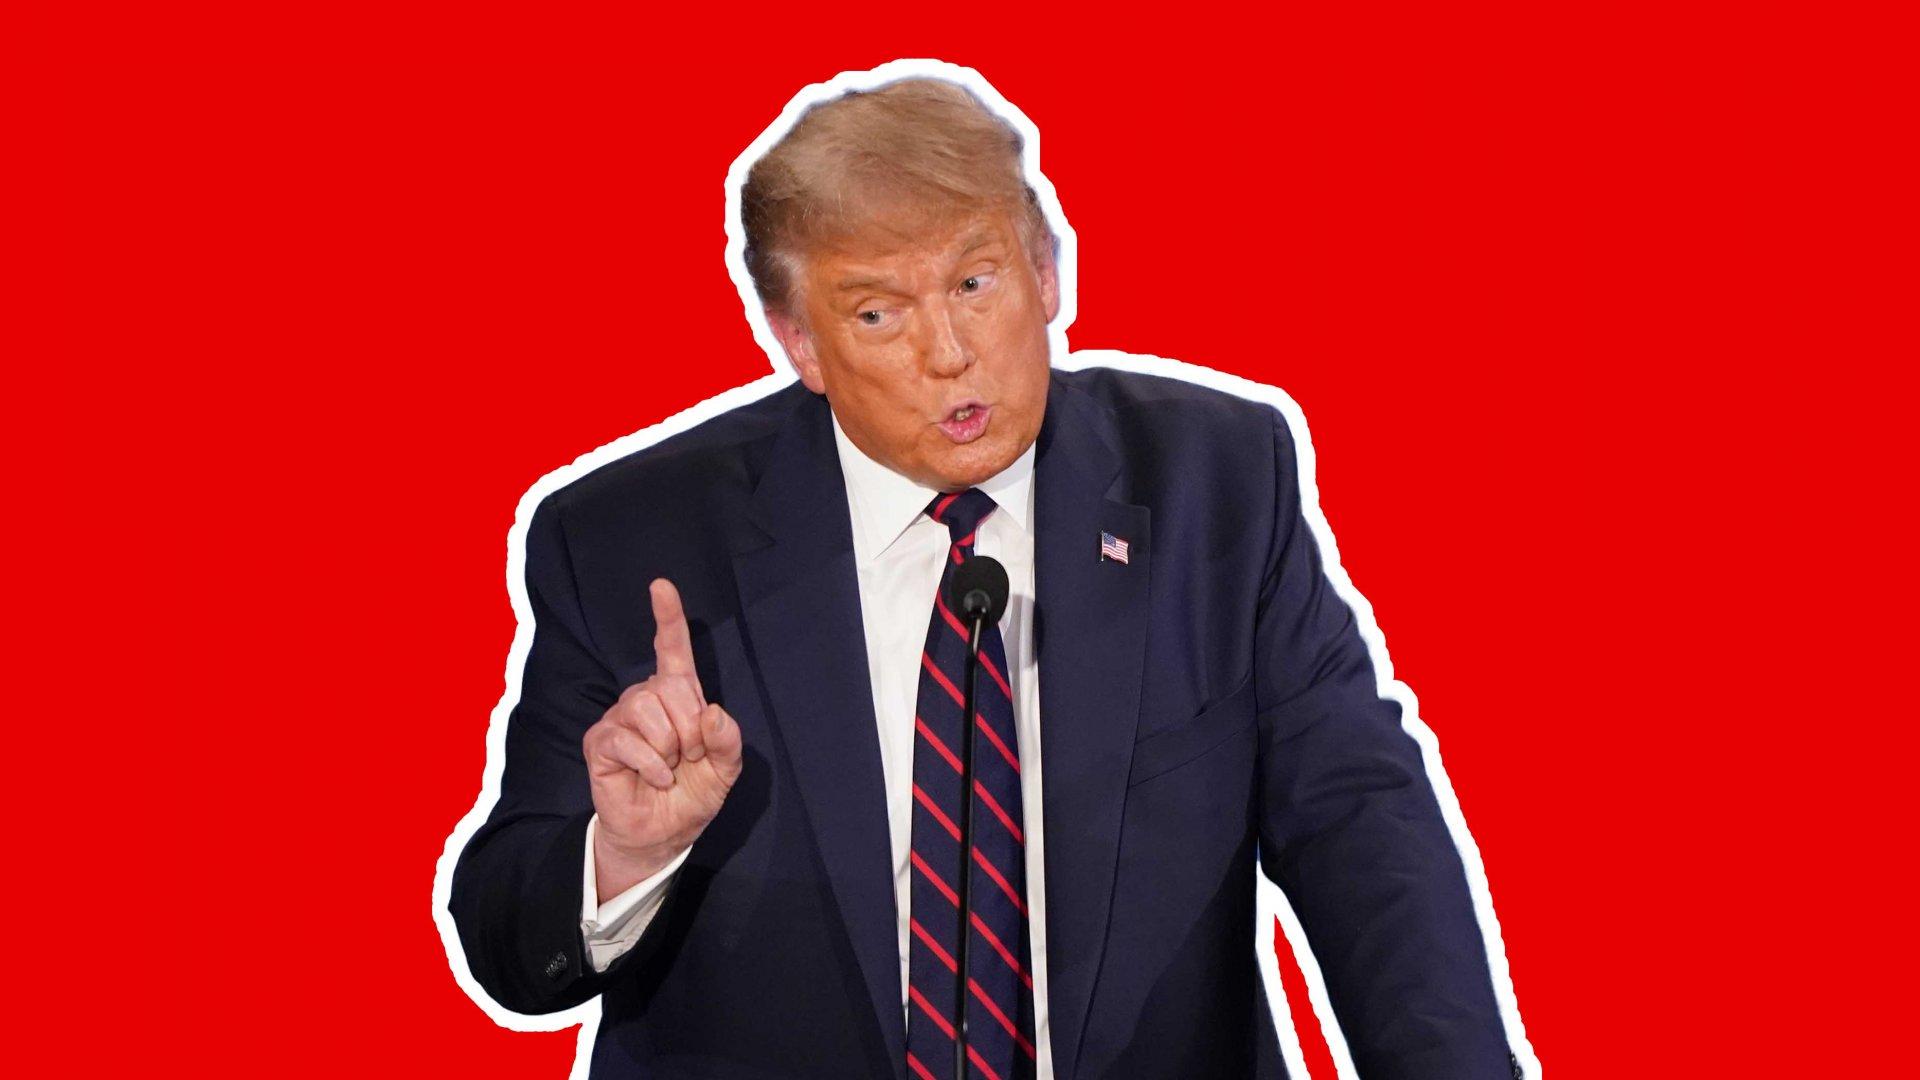 3 Key Takeaways From Donald Trump's Tax Returns